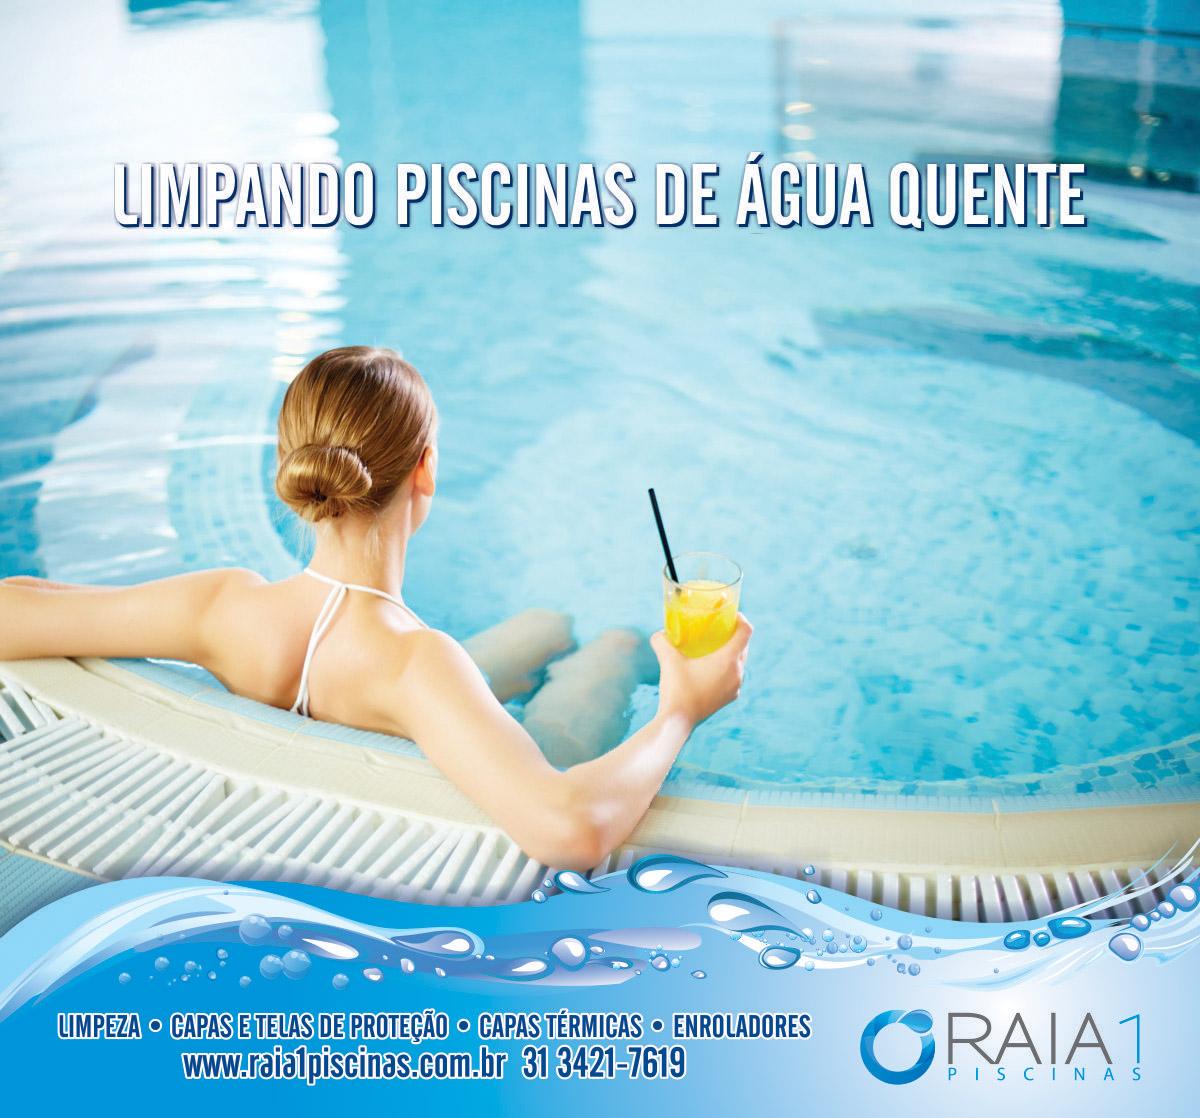 limpando piscinas de água quente